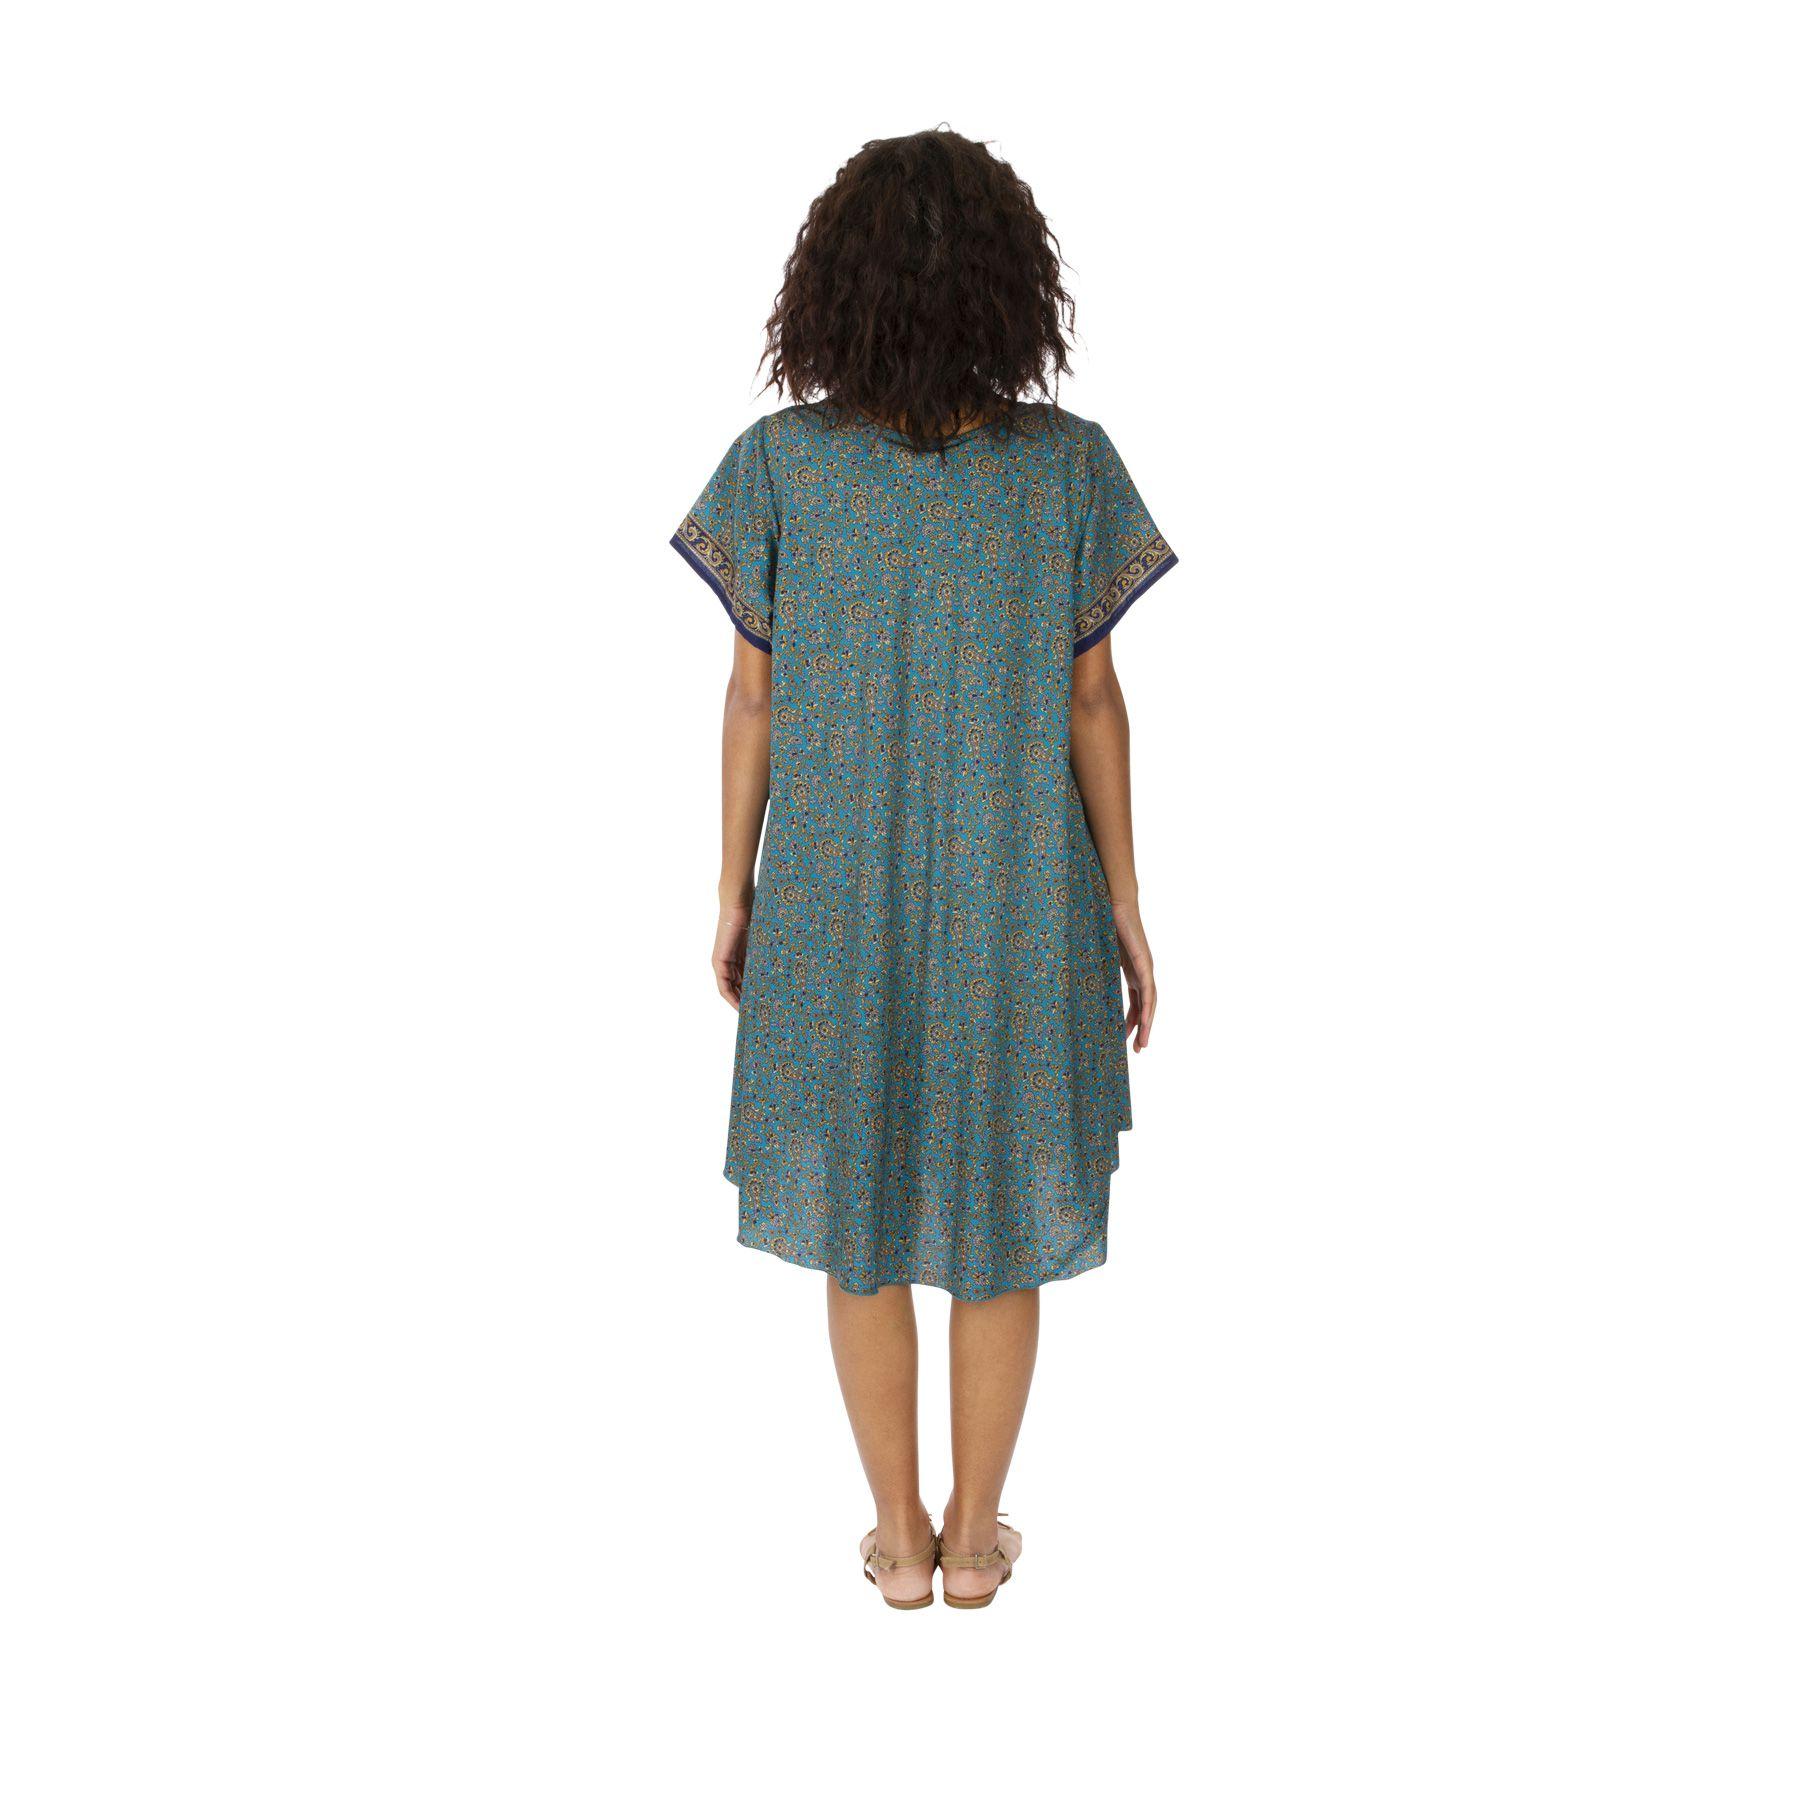 Robe de plage femme imprimé bohème été pas cher Kassie